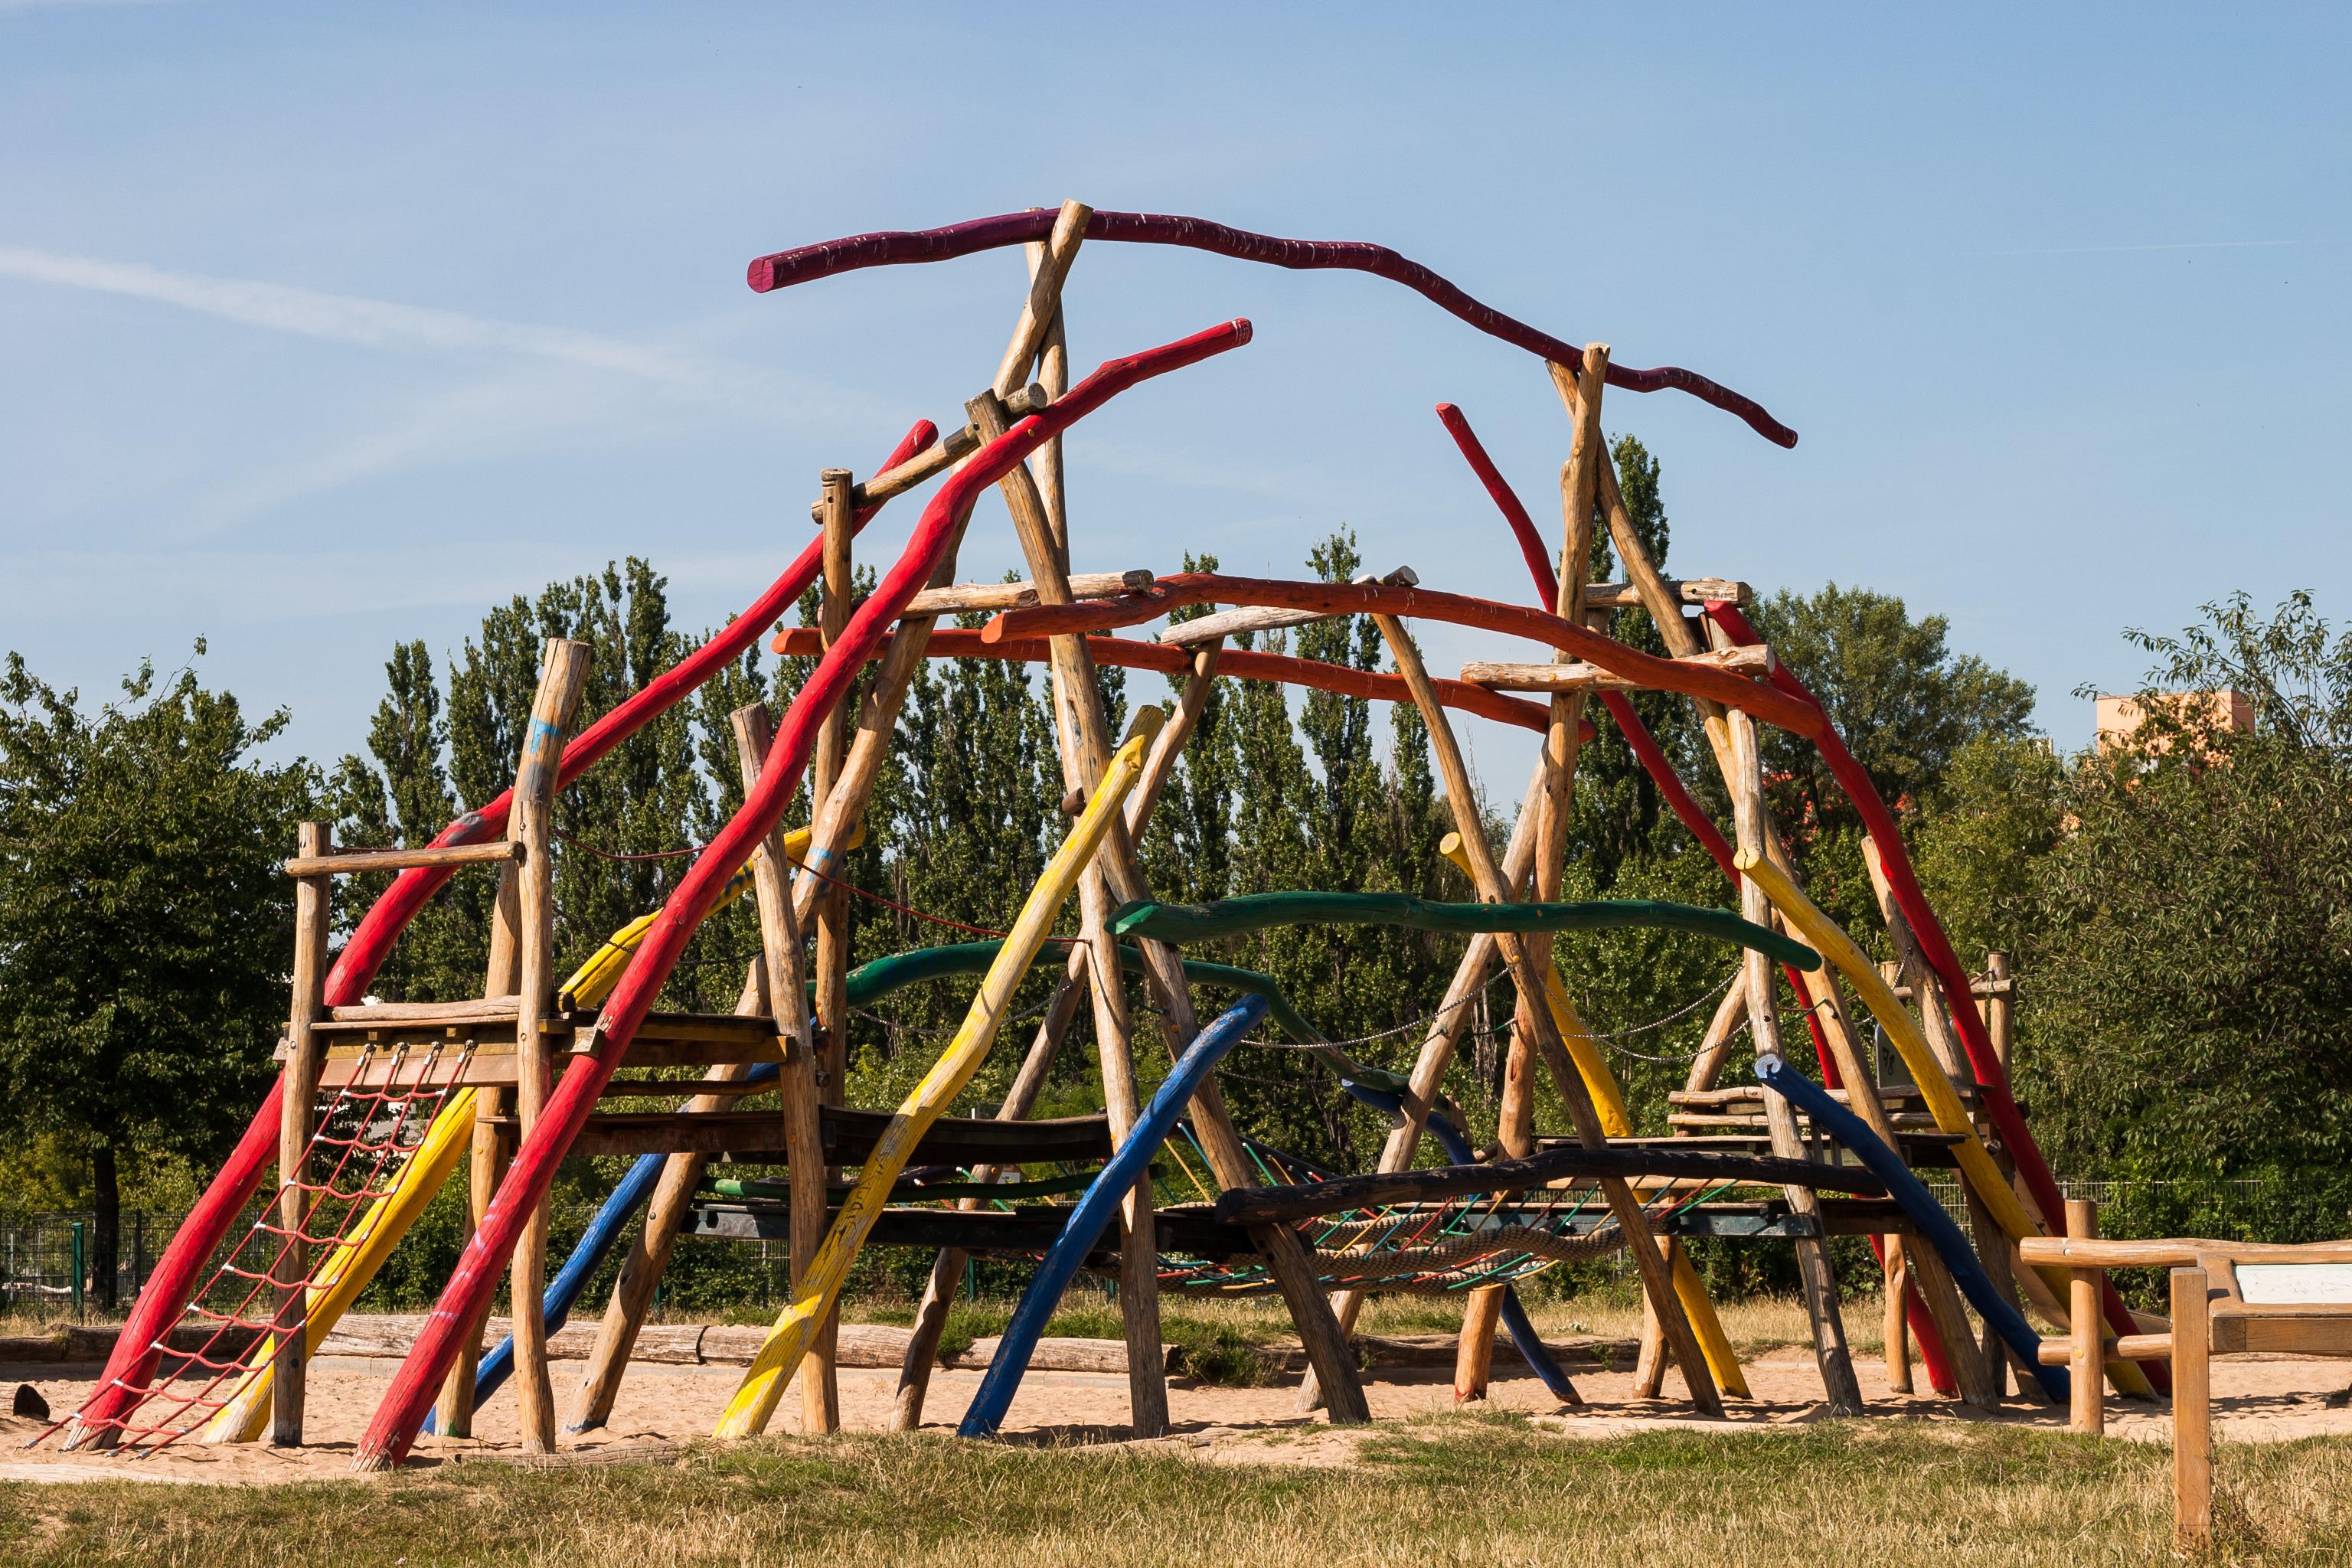 Klettergerüst Spielplatz : Datei klettergerüst spielplatz mauerpark berlin g u wikipedia